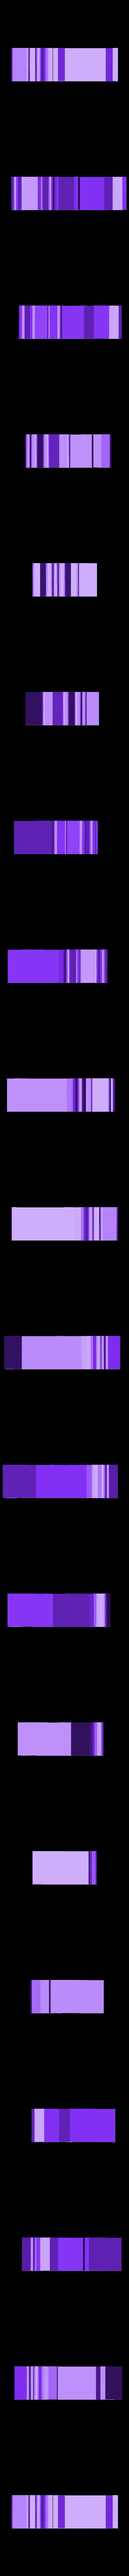 CR-10S4_3-LED_Molded_Light_Module_-_13mm_x_5mm_Holder_2020.obj Télécharger fichier OBJ gratuit CR-10S4 Support de module d'éclairage moulé par injection à 3 DEL pour l'extrusion 2020 • Objet pour imprimante 3D, HowardB